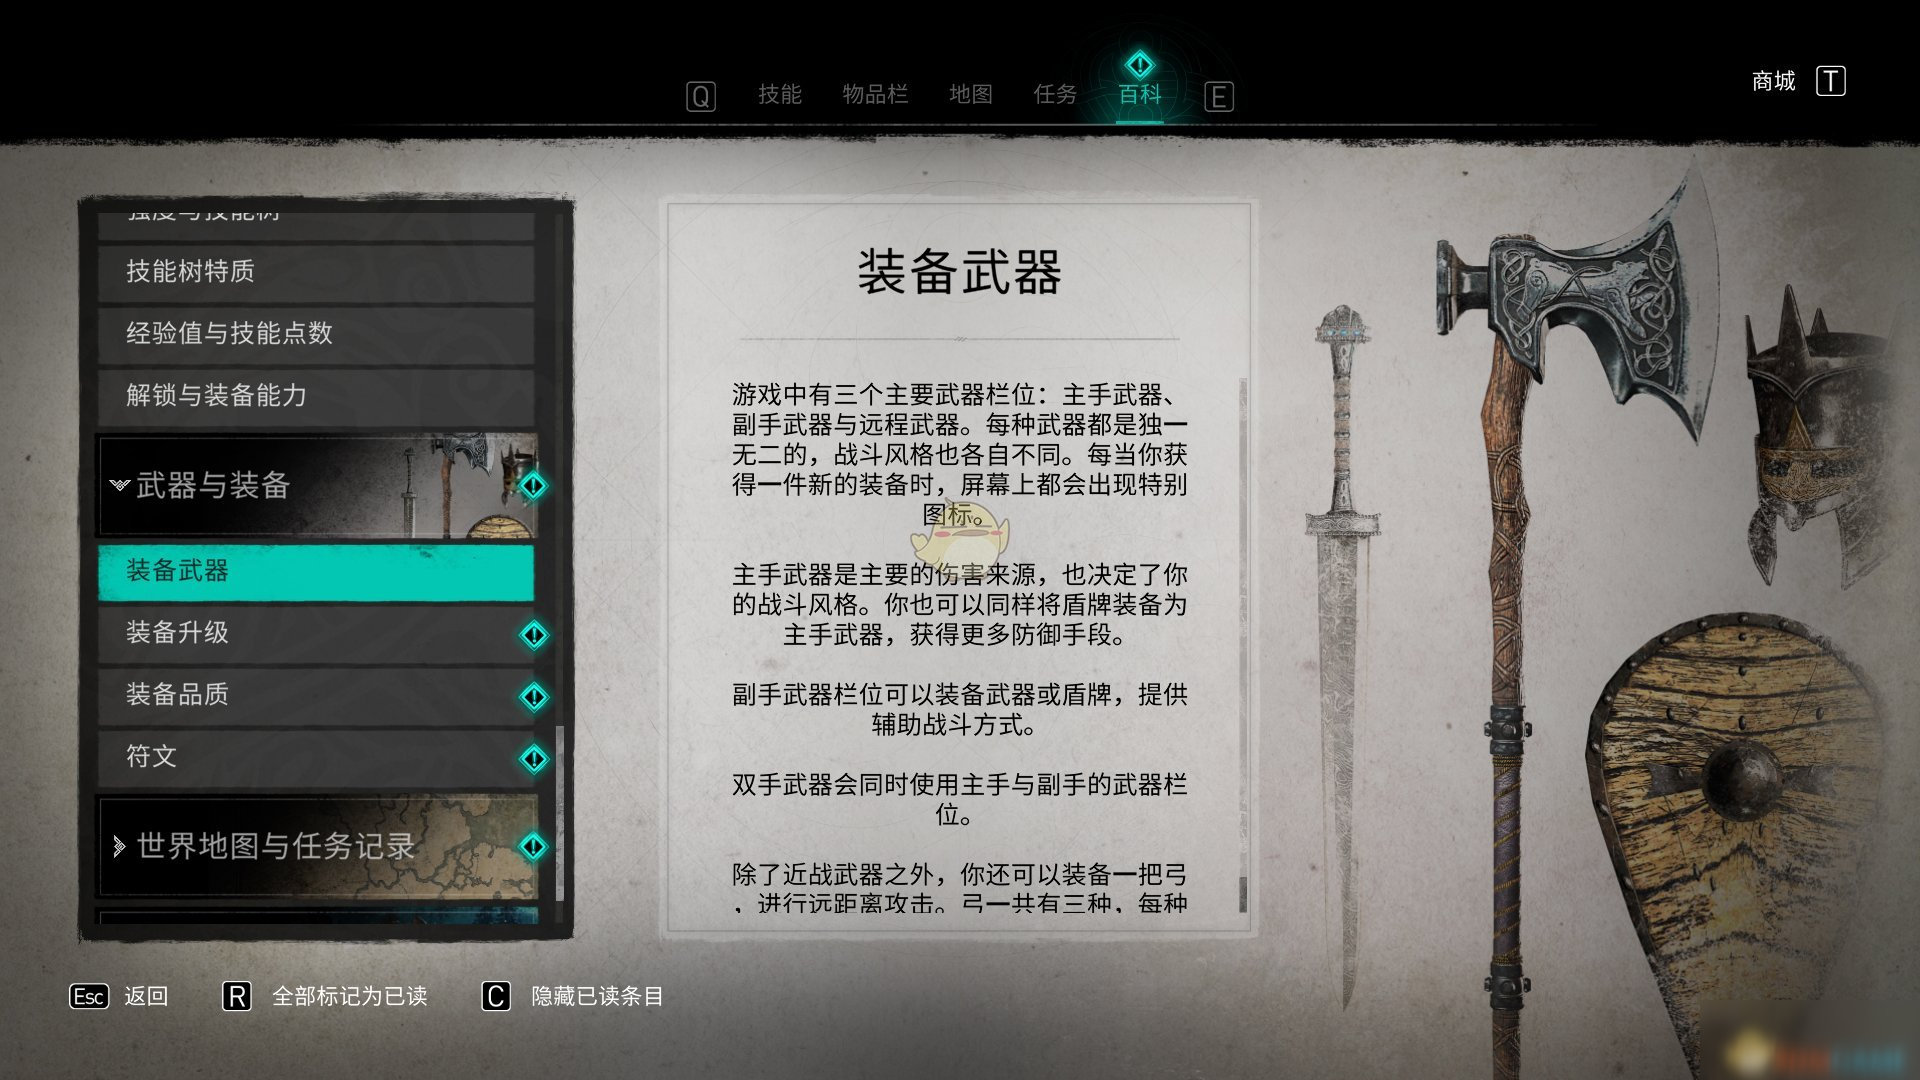 《刺客信条:英灵殿》新手入门指南 装备武器方式一览